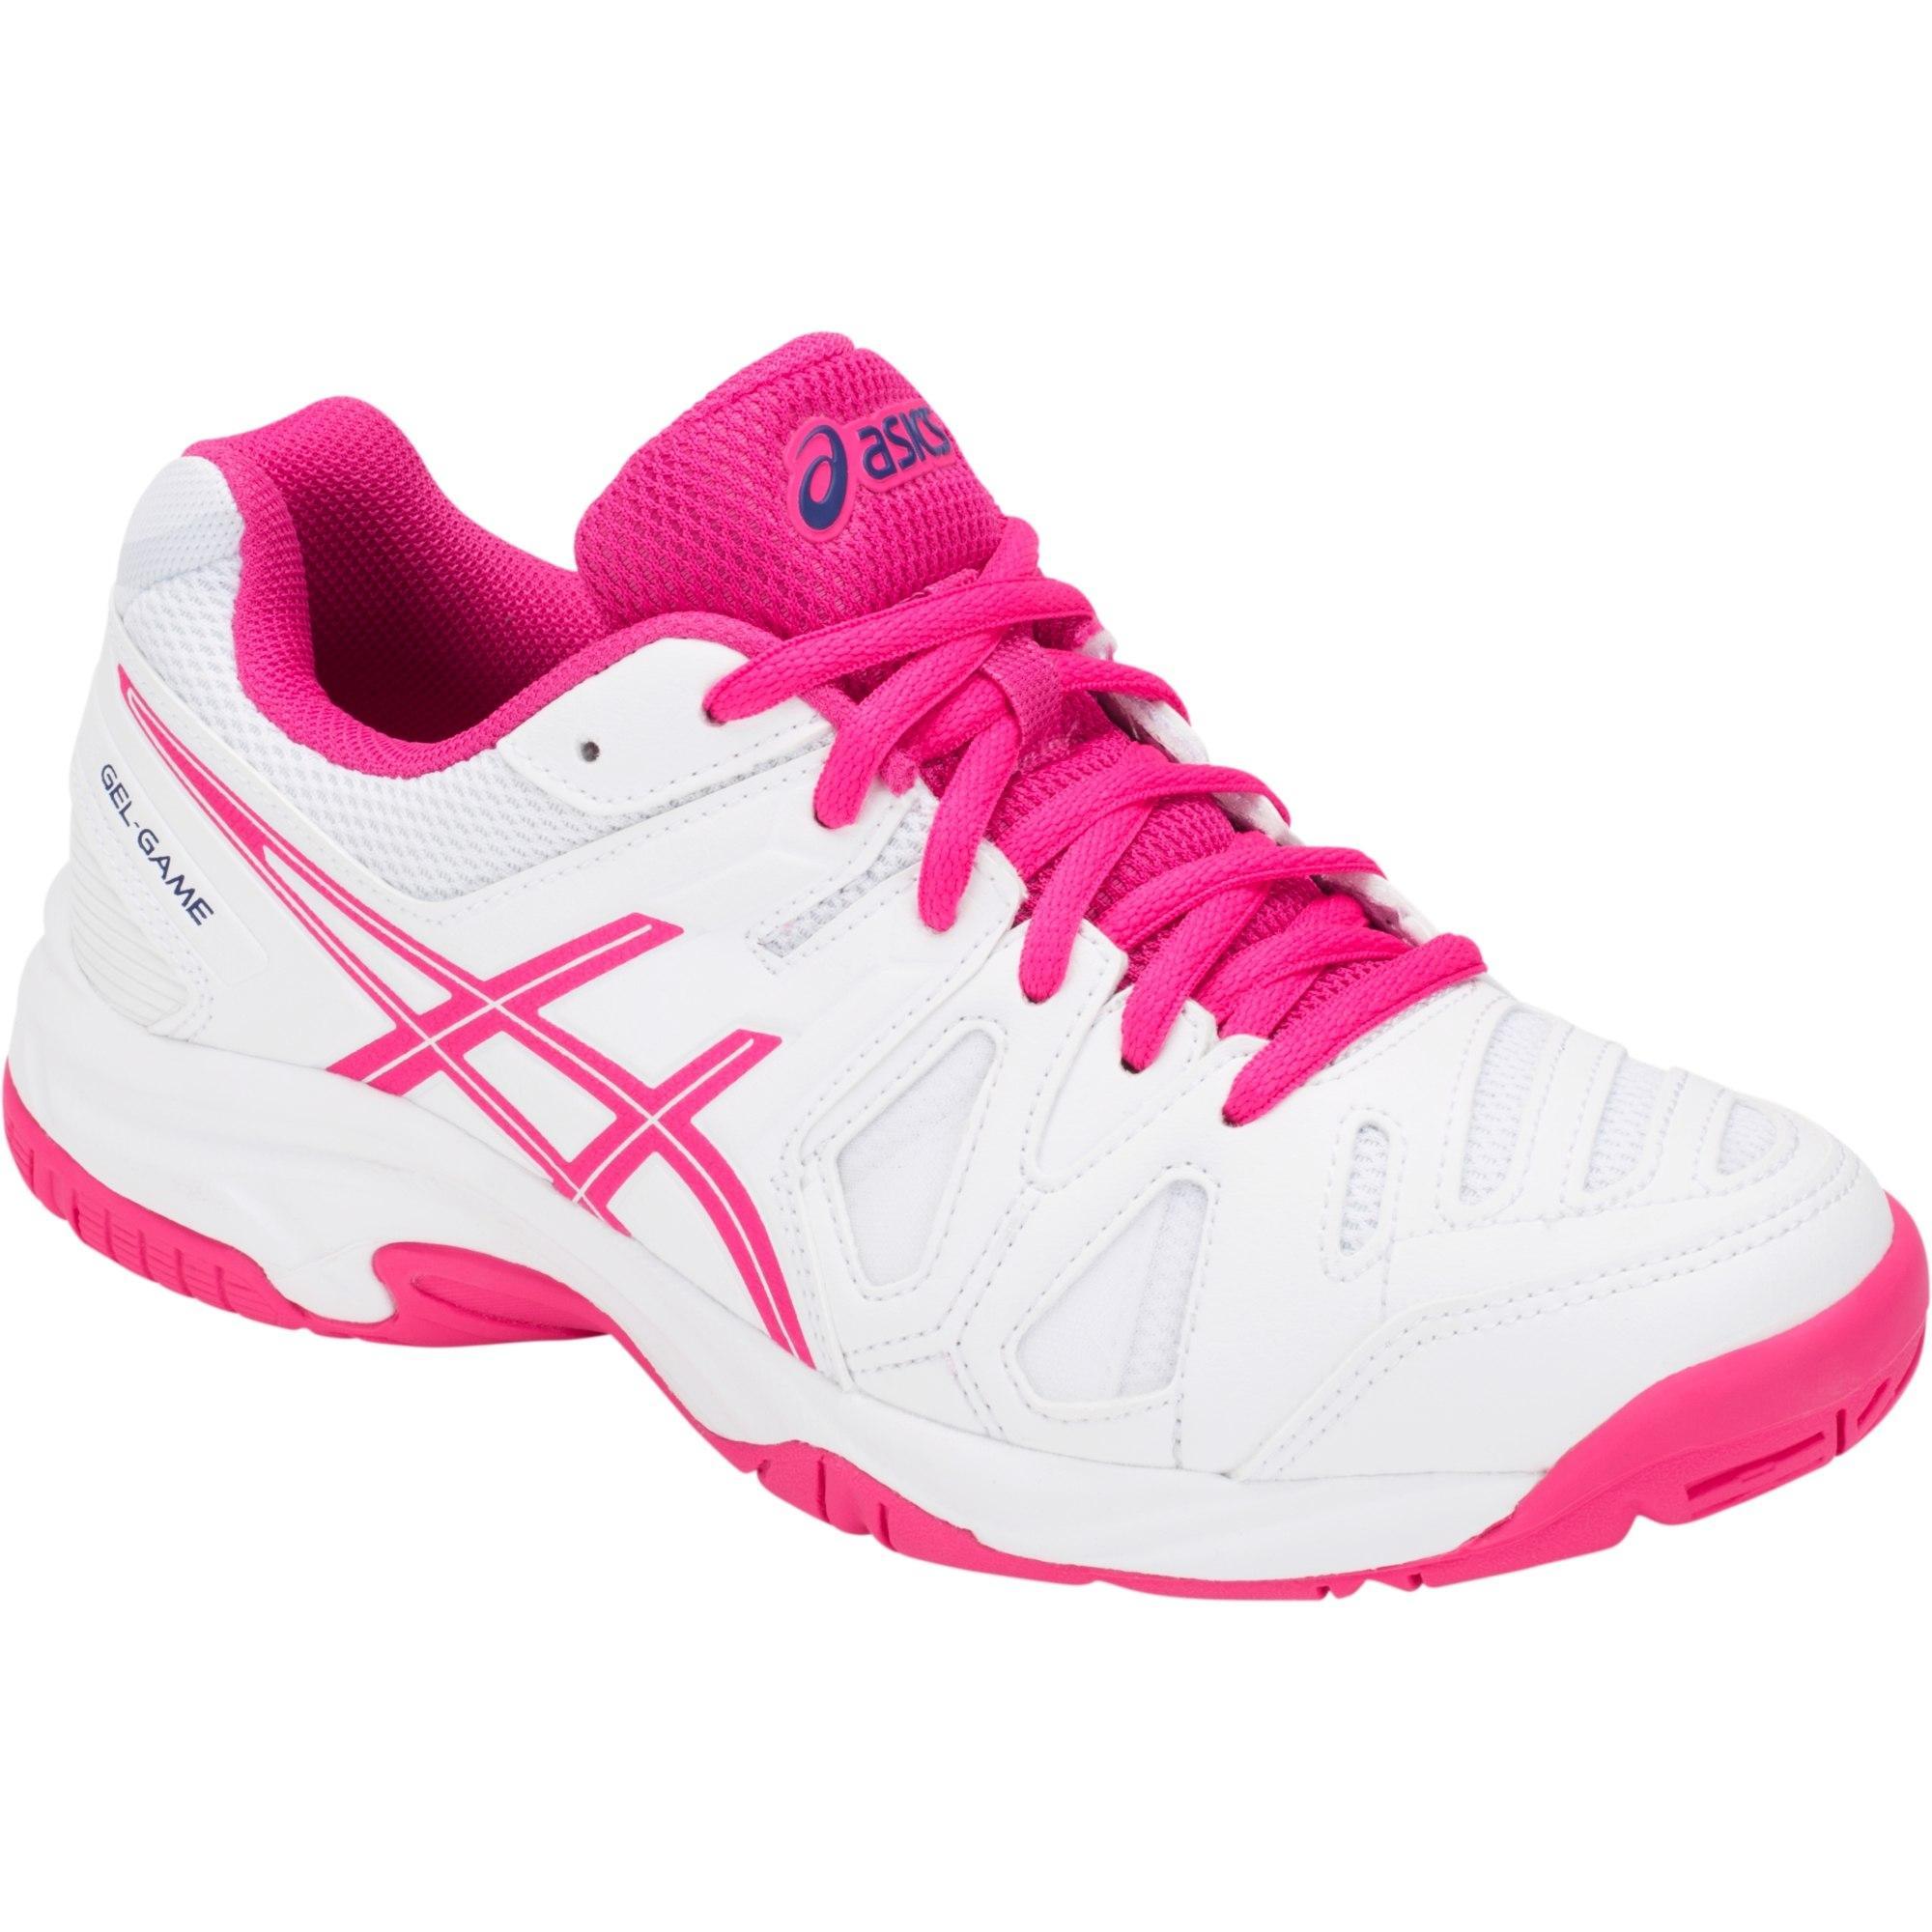 Asics Kids GEL-Game 5 GS Tennis Shoes - White/Pink Glow ...